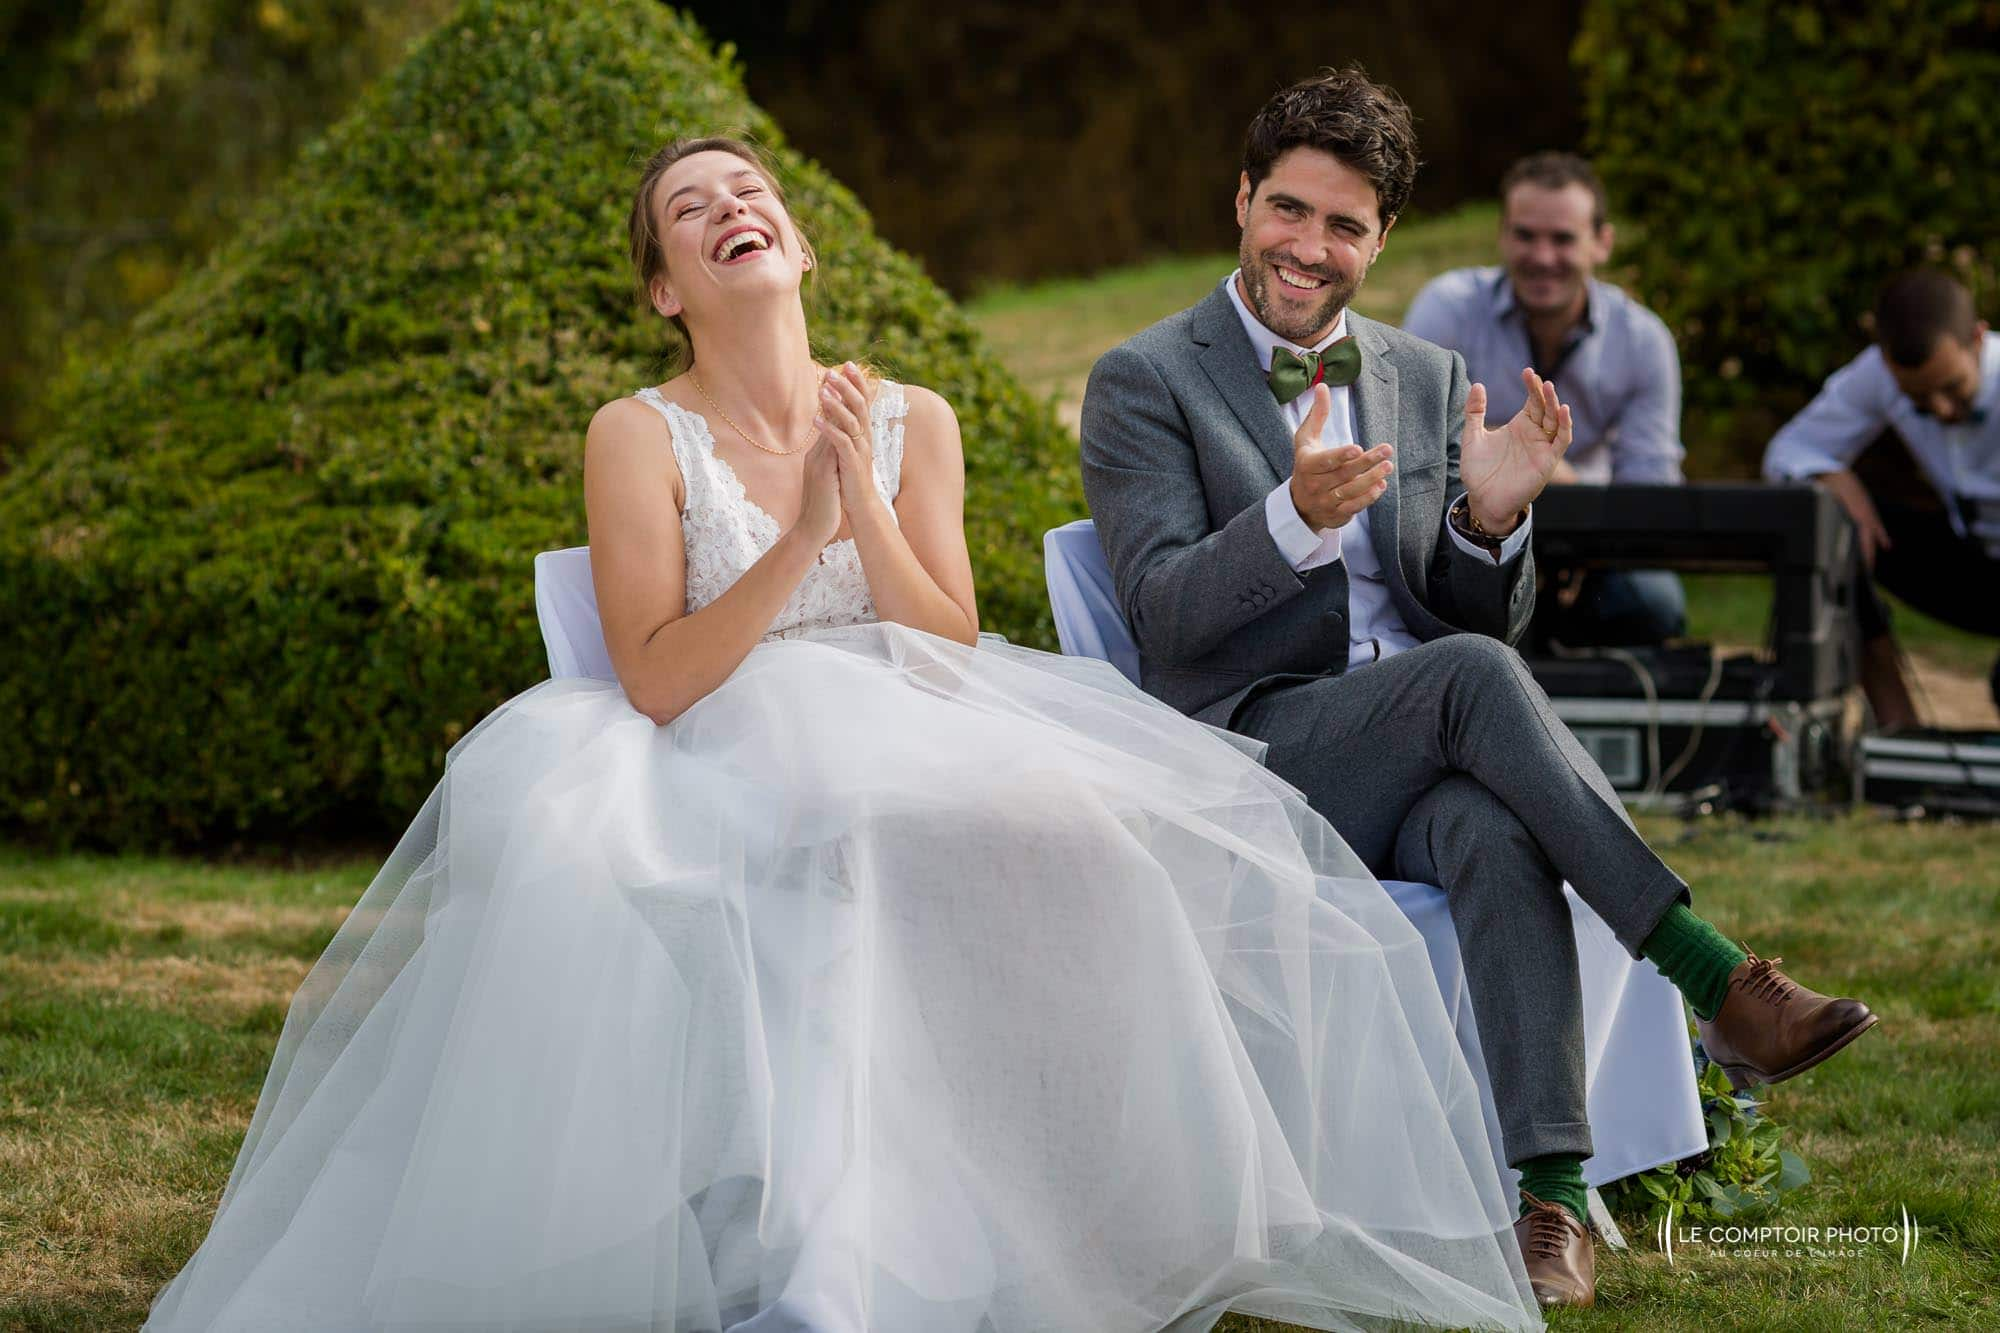 Photographe de mariage en Ille-et-vilaine - Rennes - Saint Malo - Dinard - Fougères en Bretagne